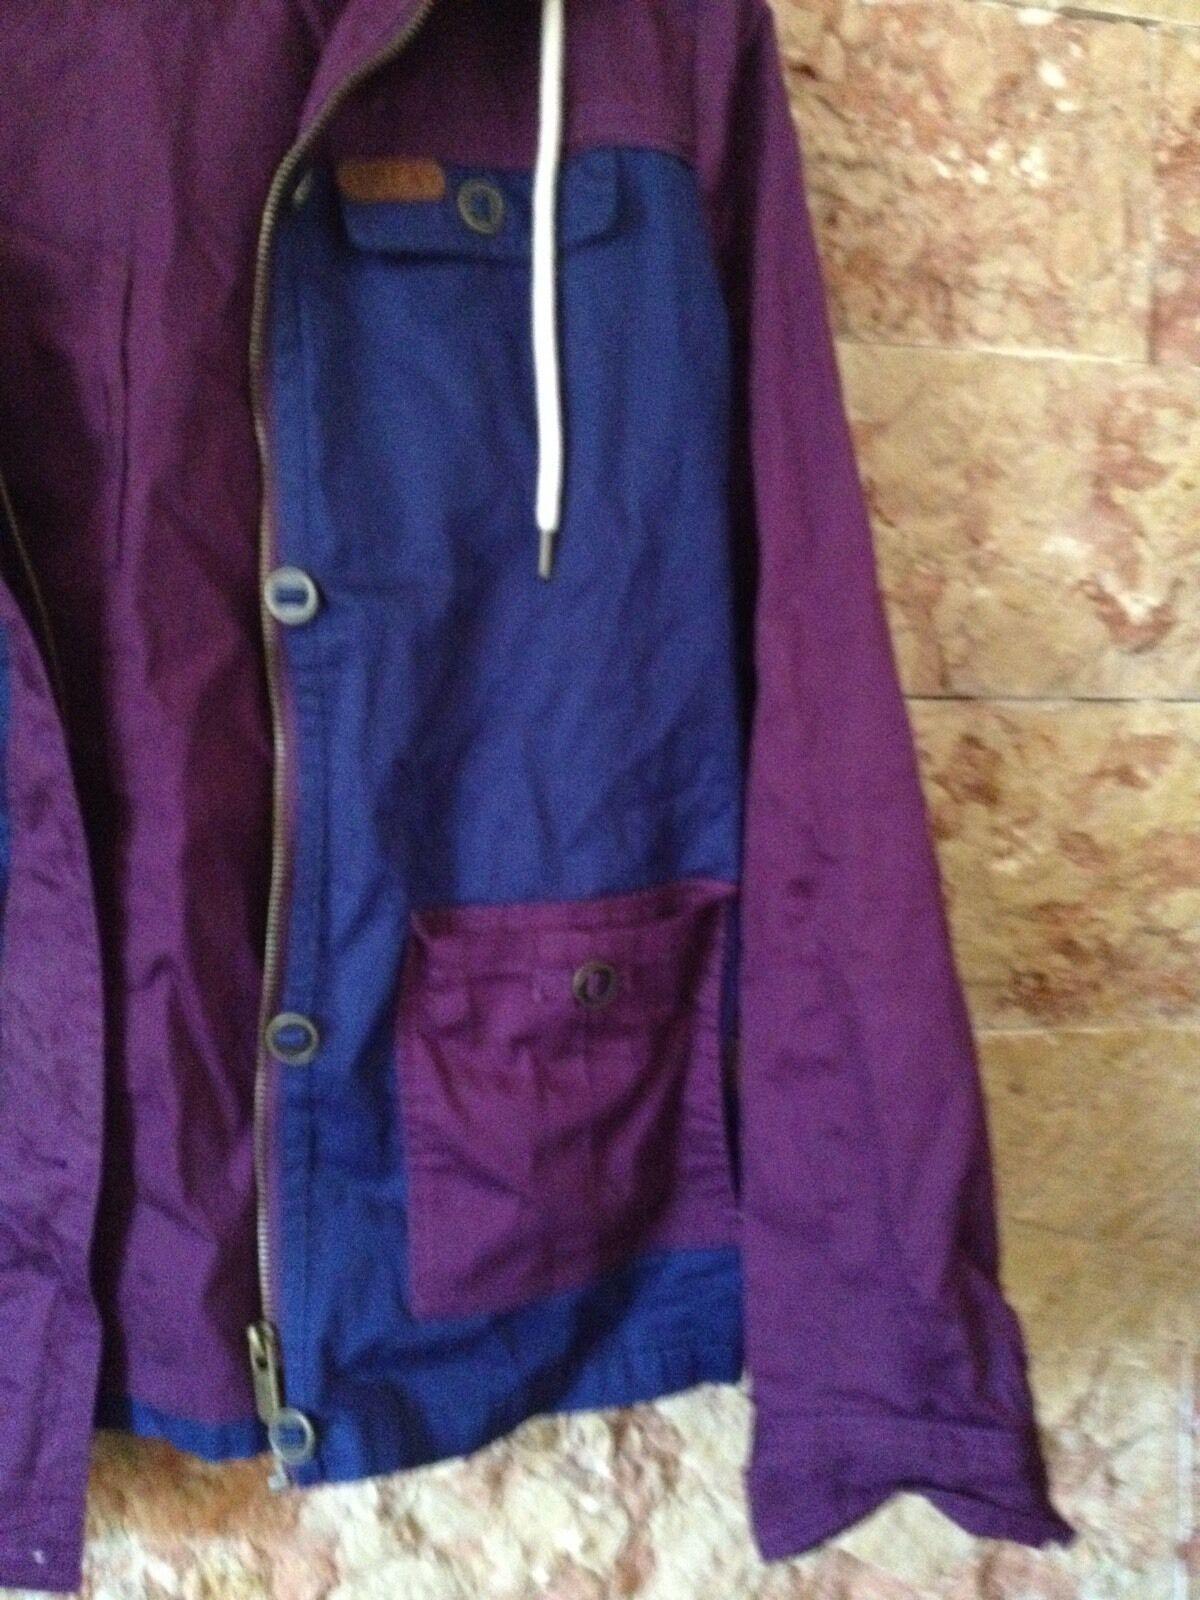 Veste Imperméable Bleu Et Violet Taille 38 Us Capuche Et Poche Taille 10 Us 38 f6f168